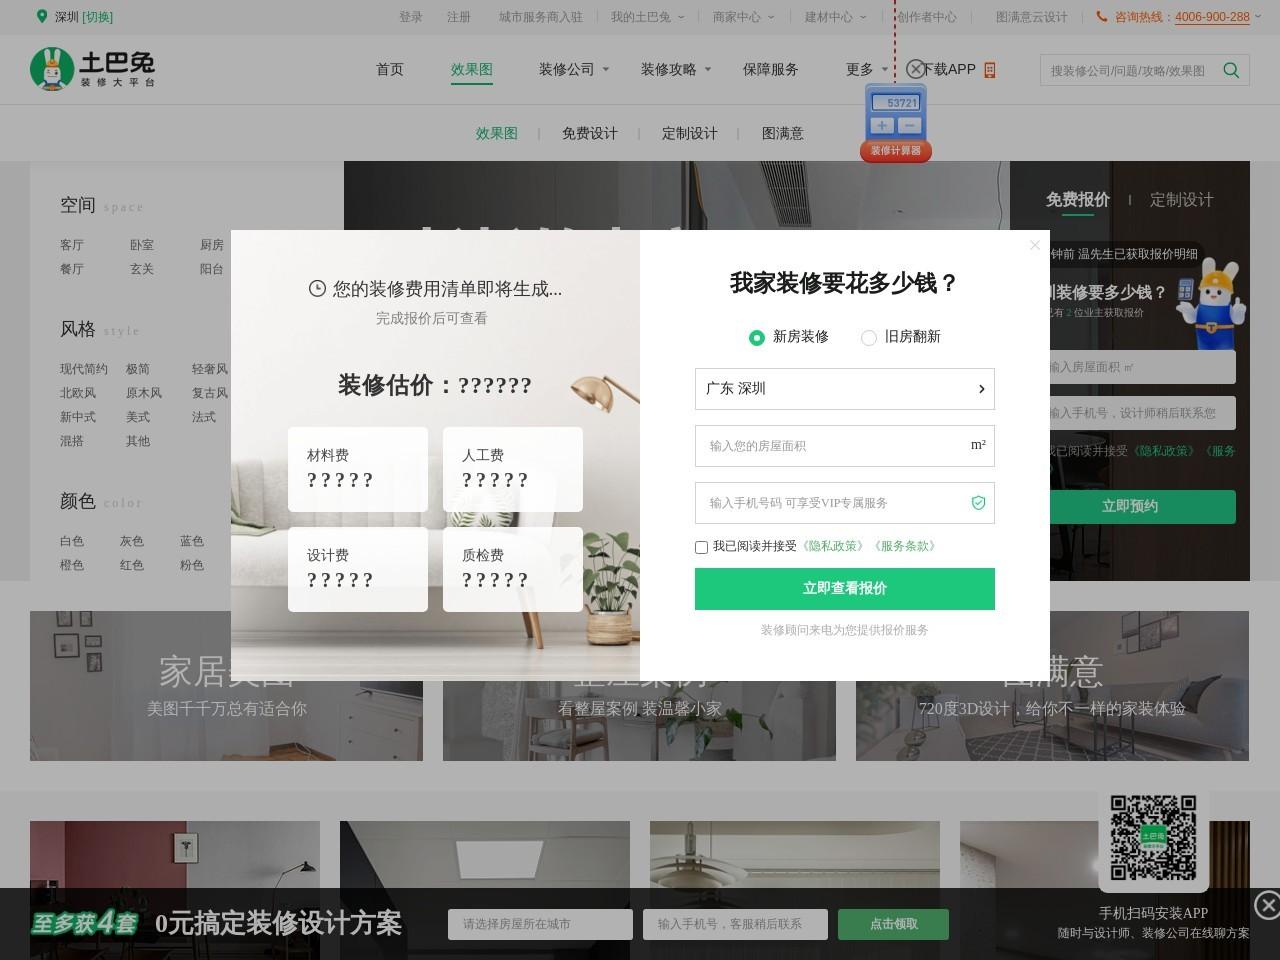 室内装修效果图大全(xiaoguotu.to8to.com)